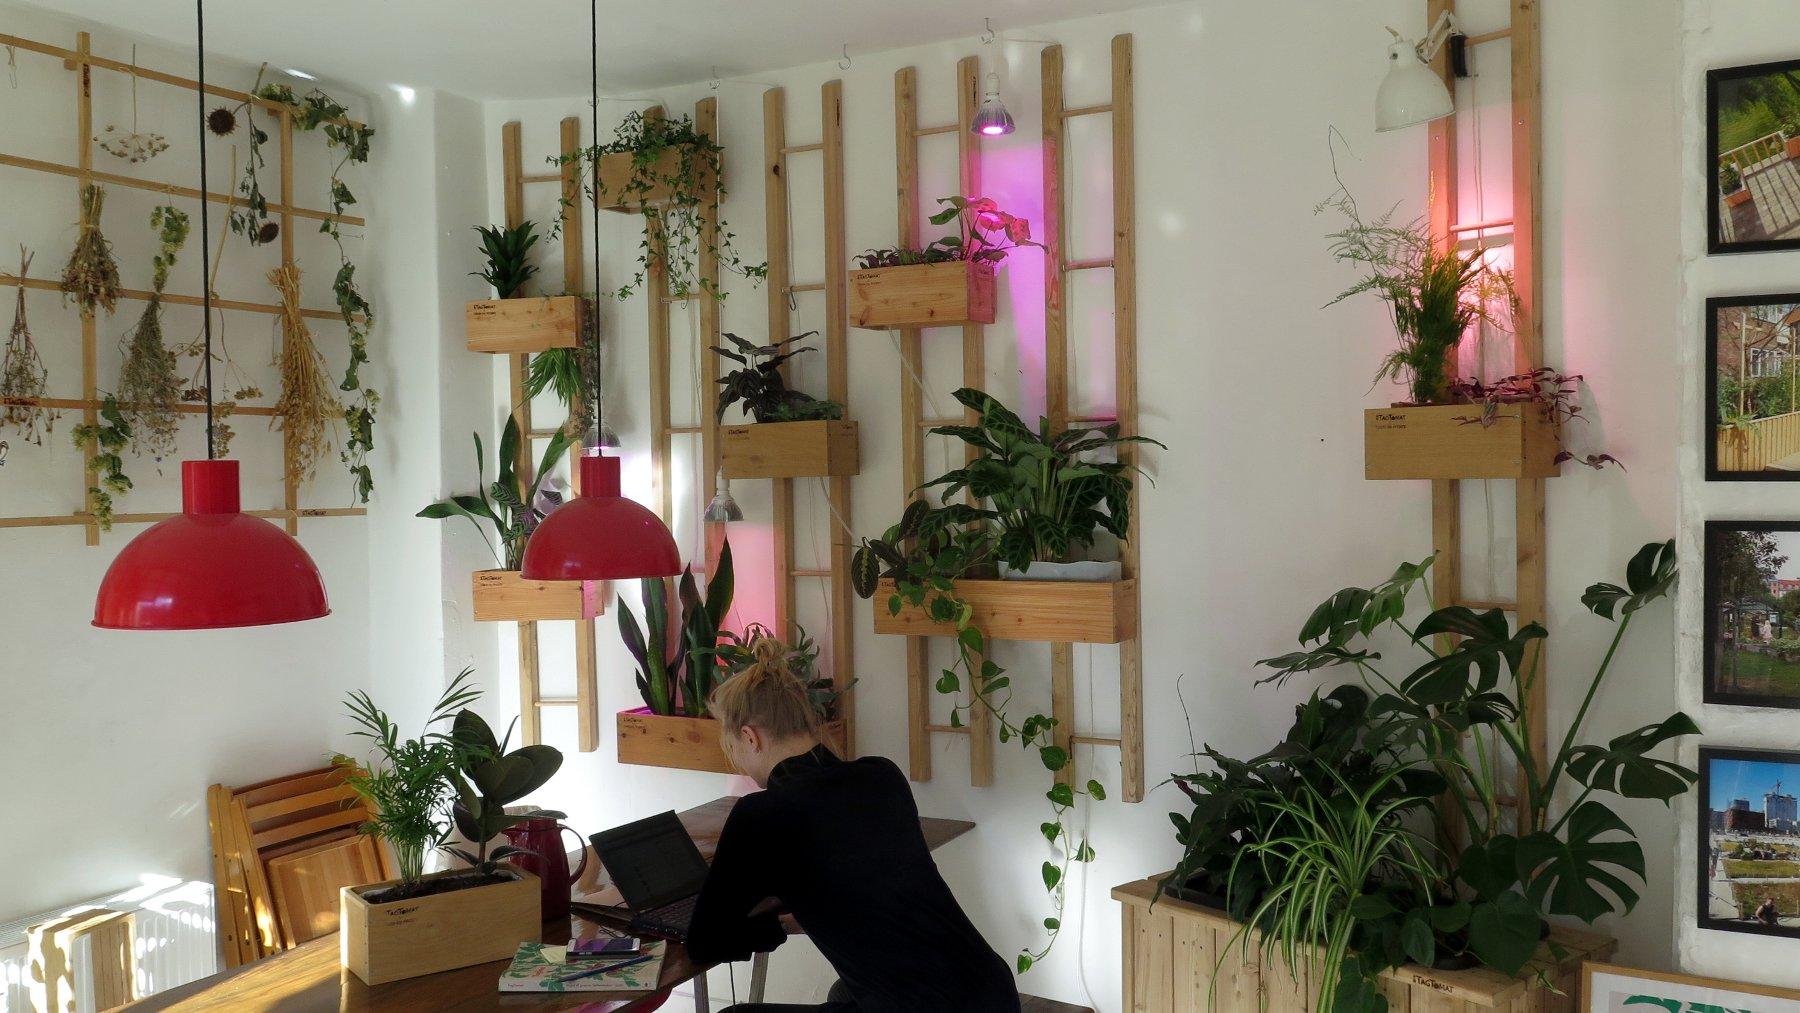 Plantekasse indendørs